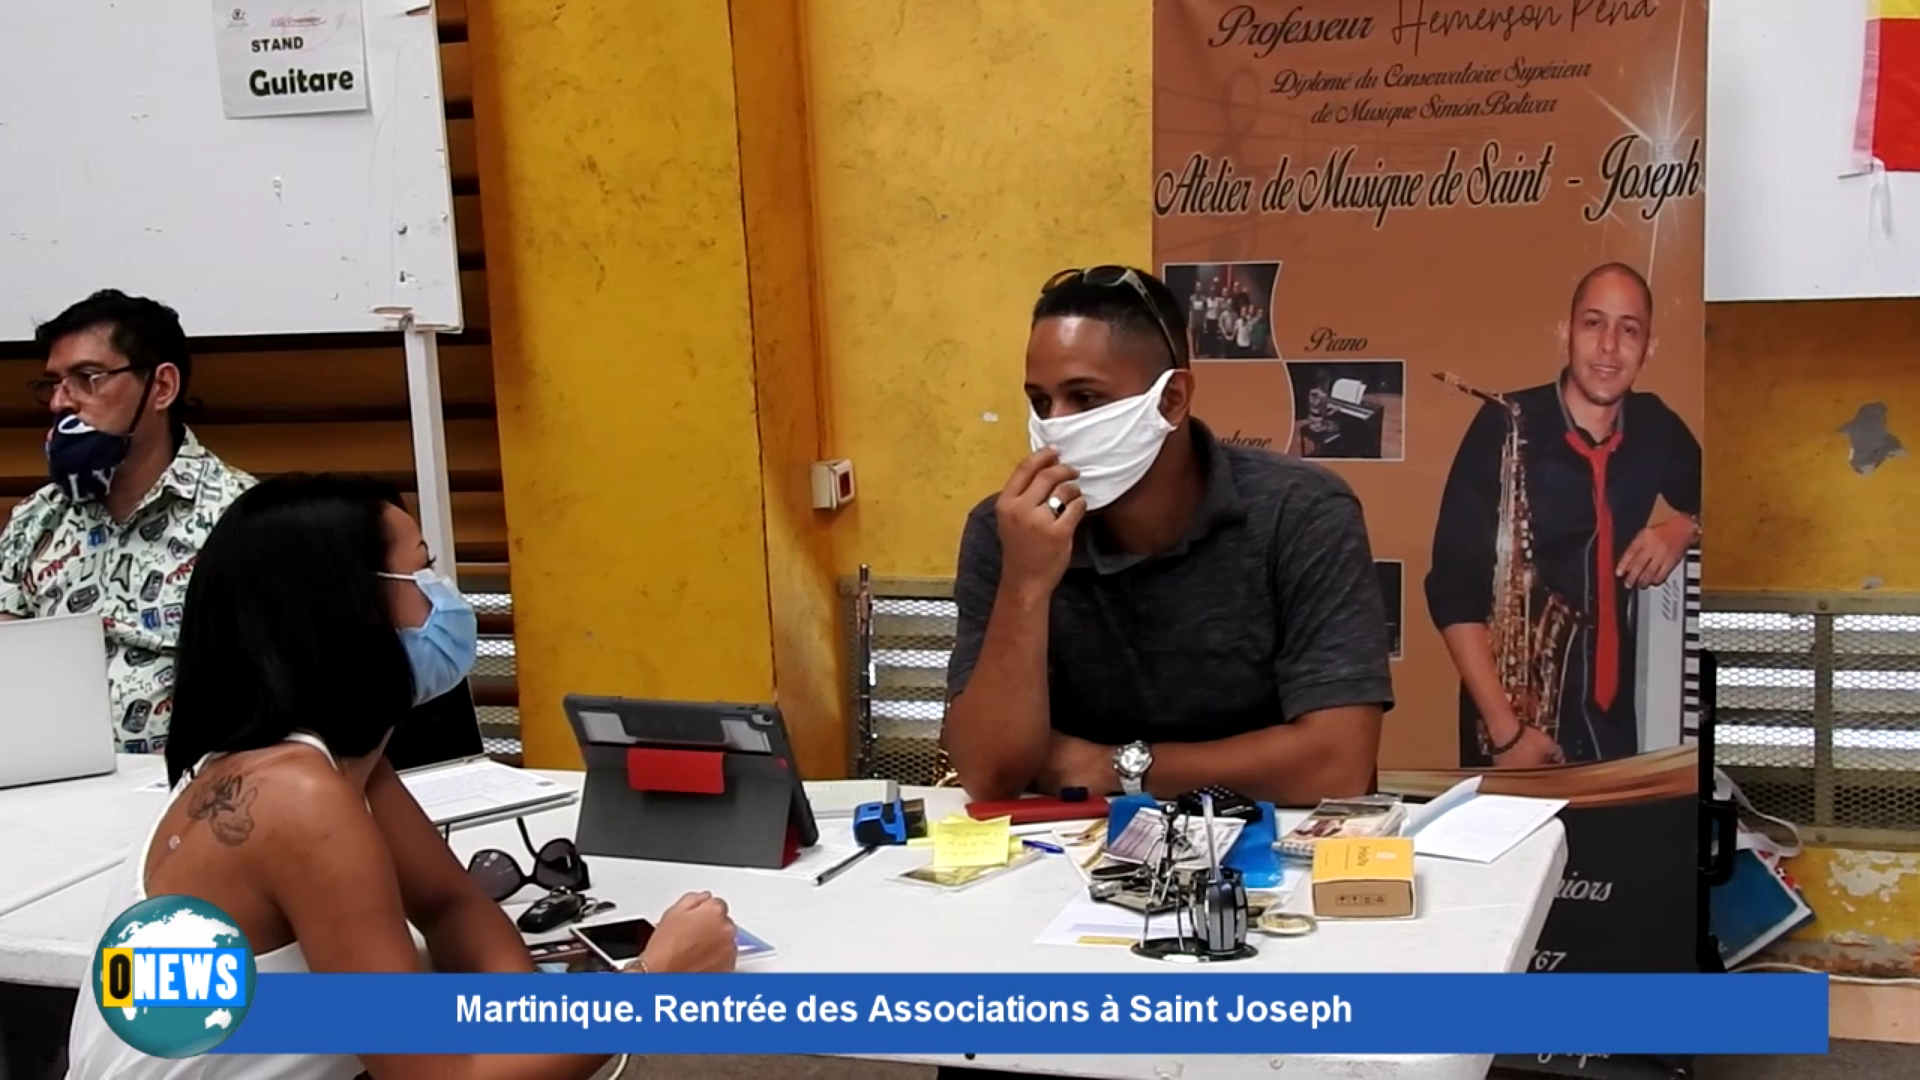 [Vidéo] Onews Martinique. Rentrée des Associations à Saint Joseph